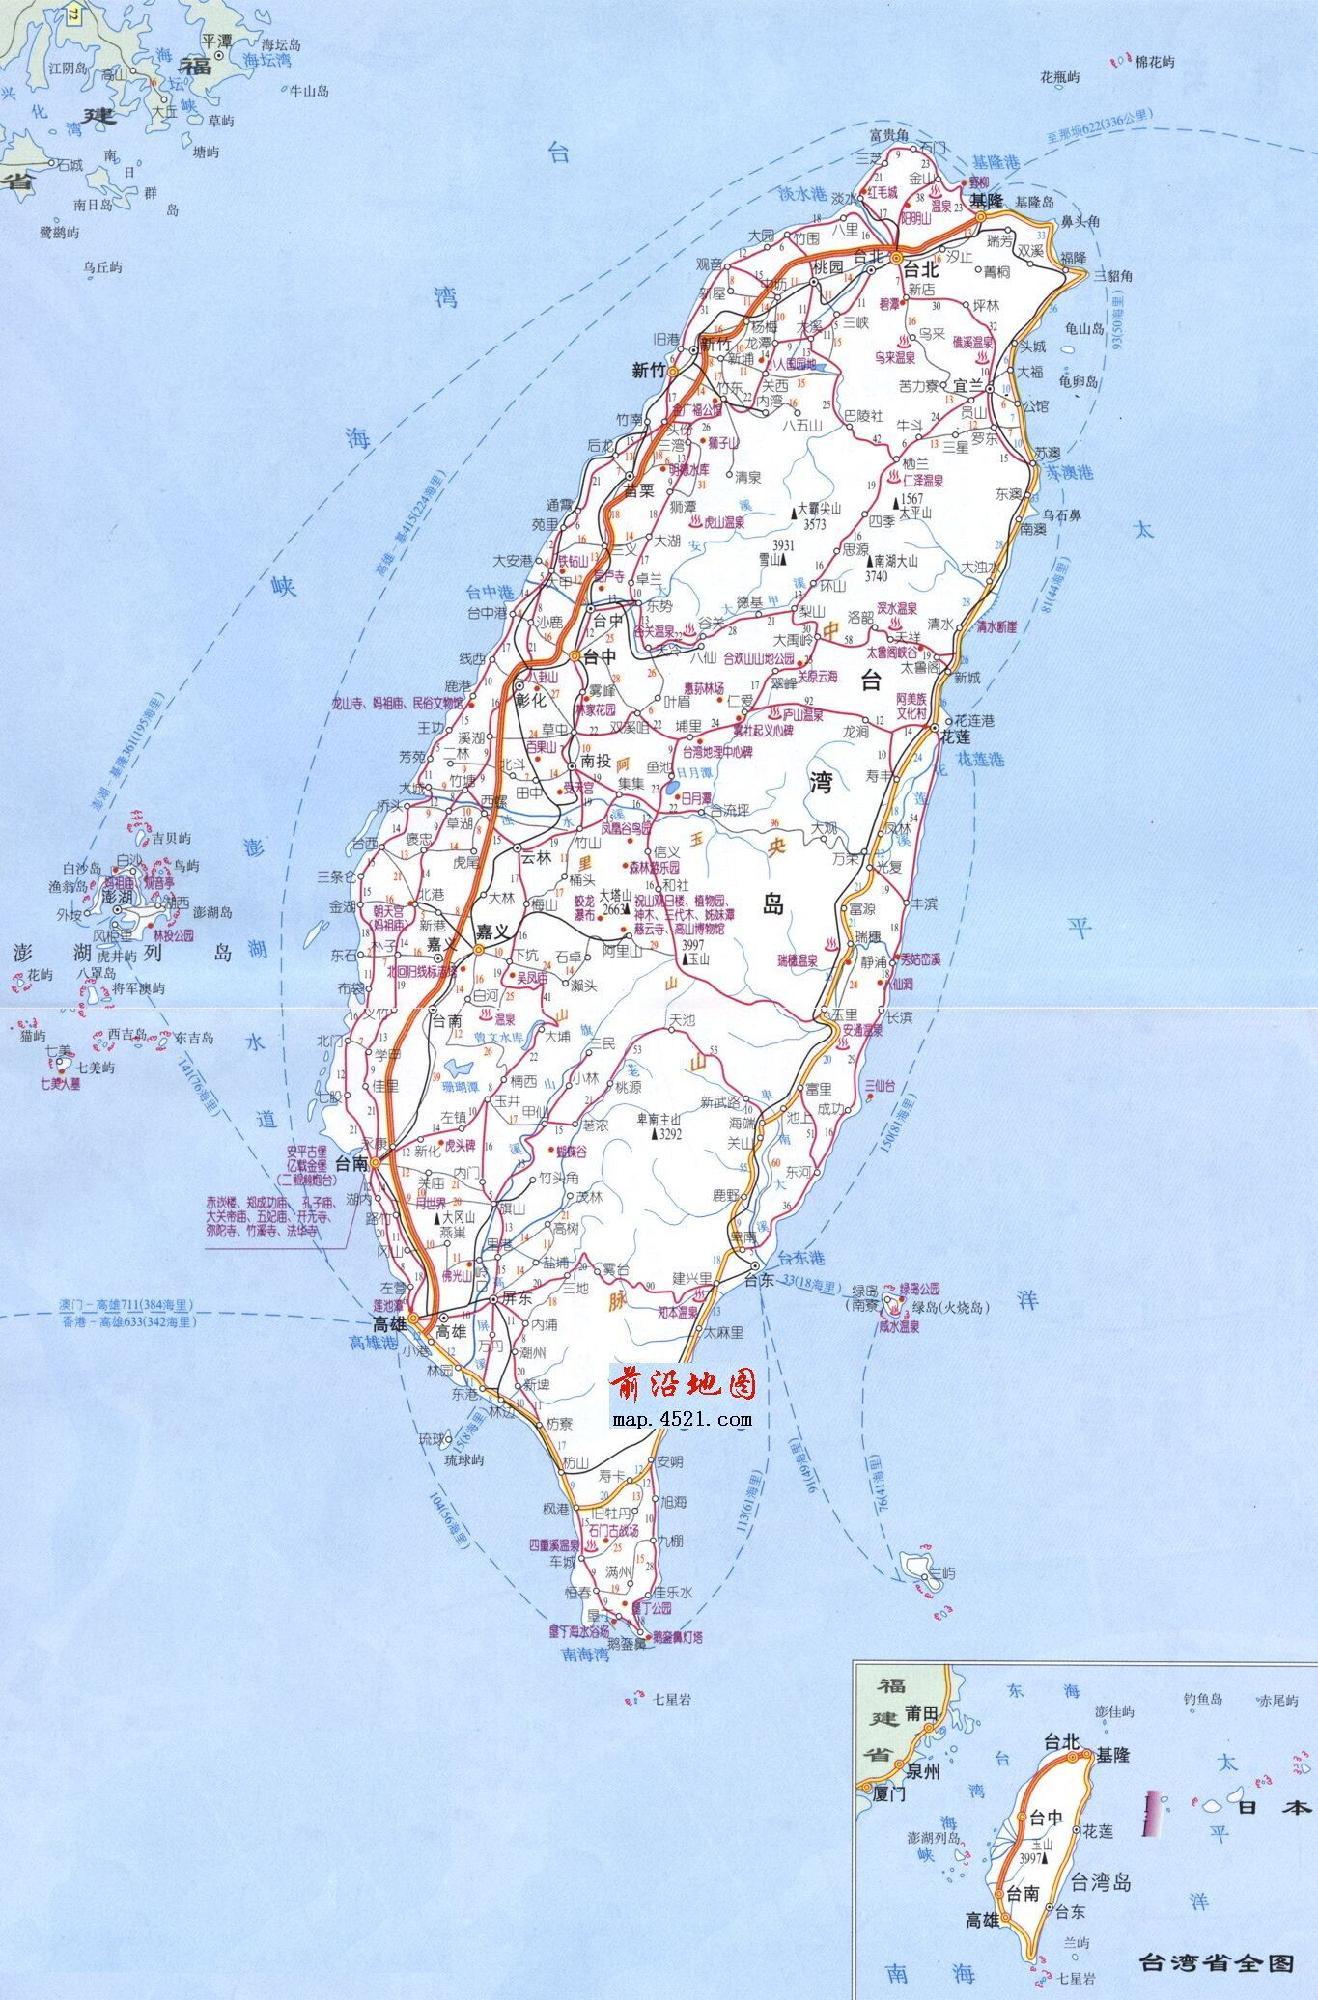 中国地图画法步骤